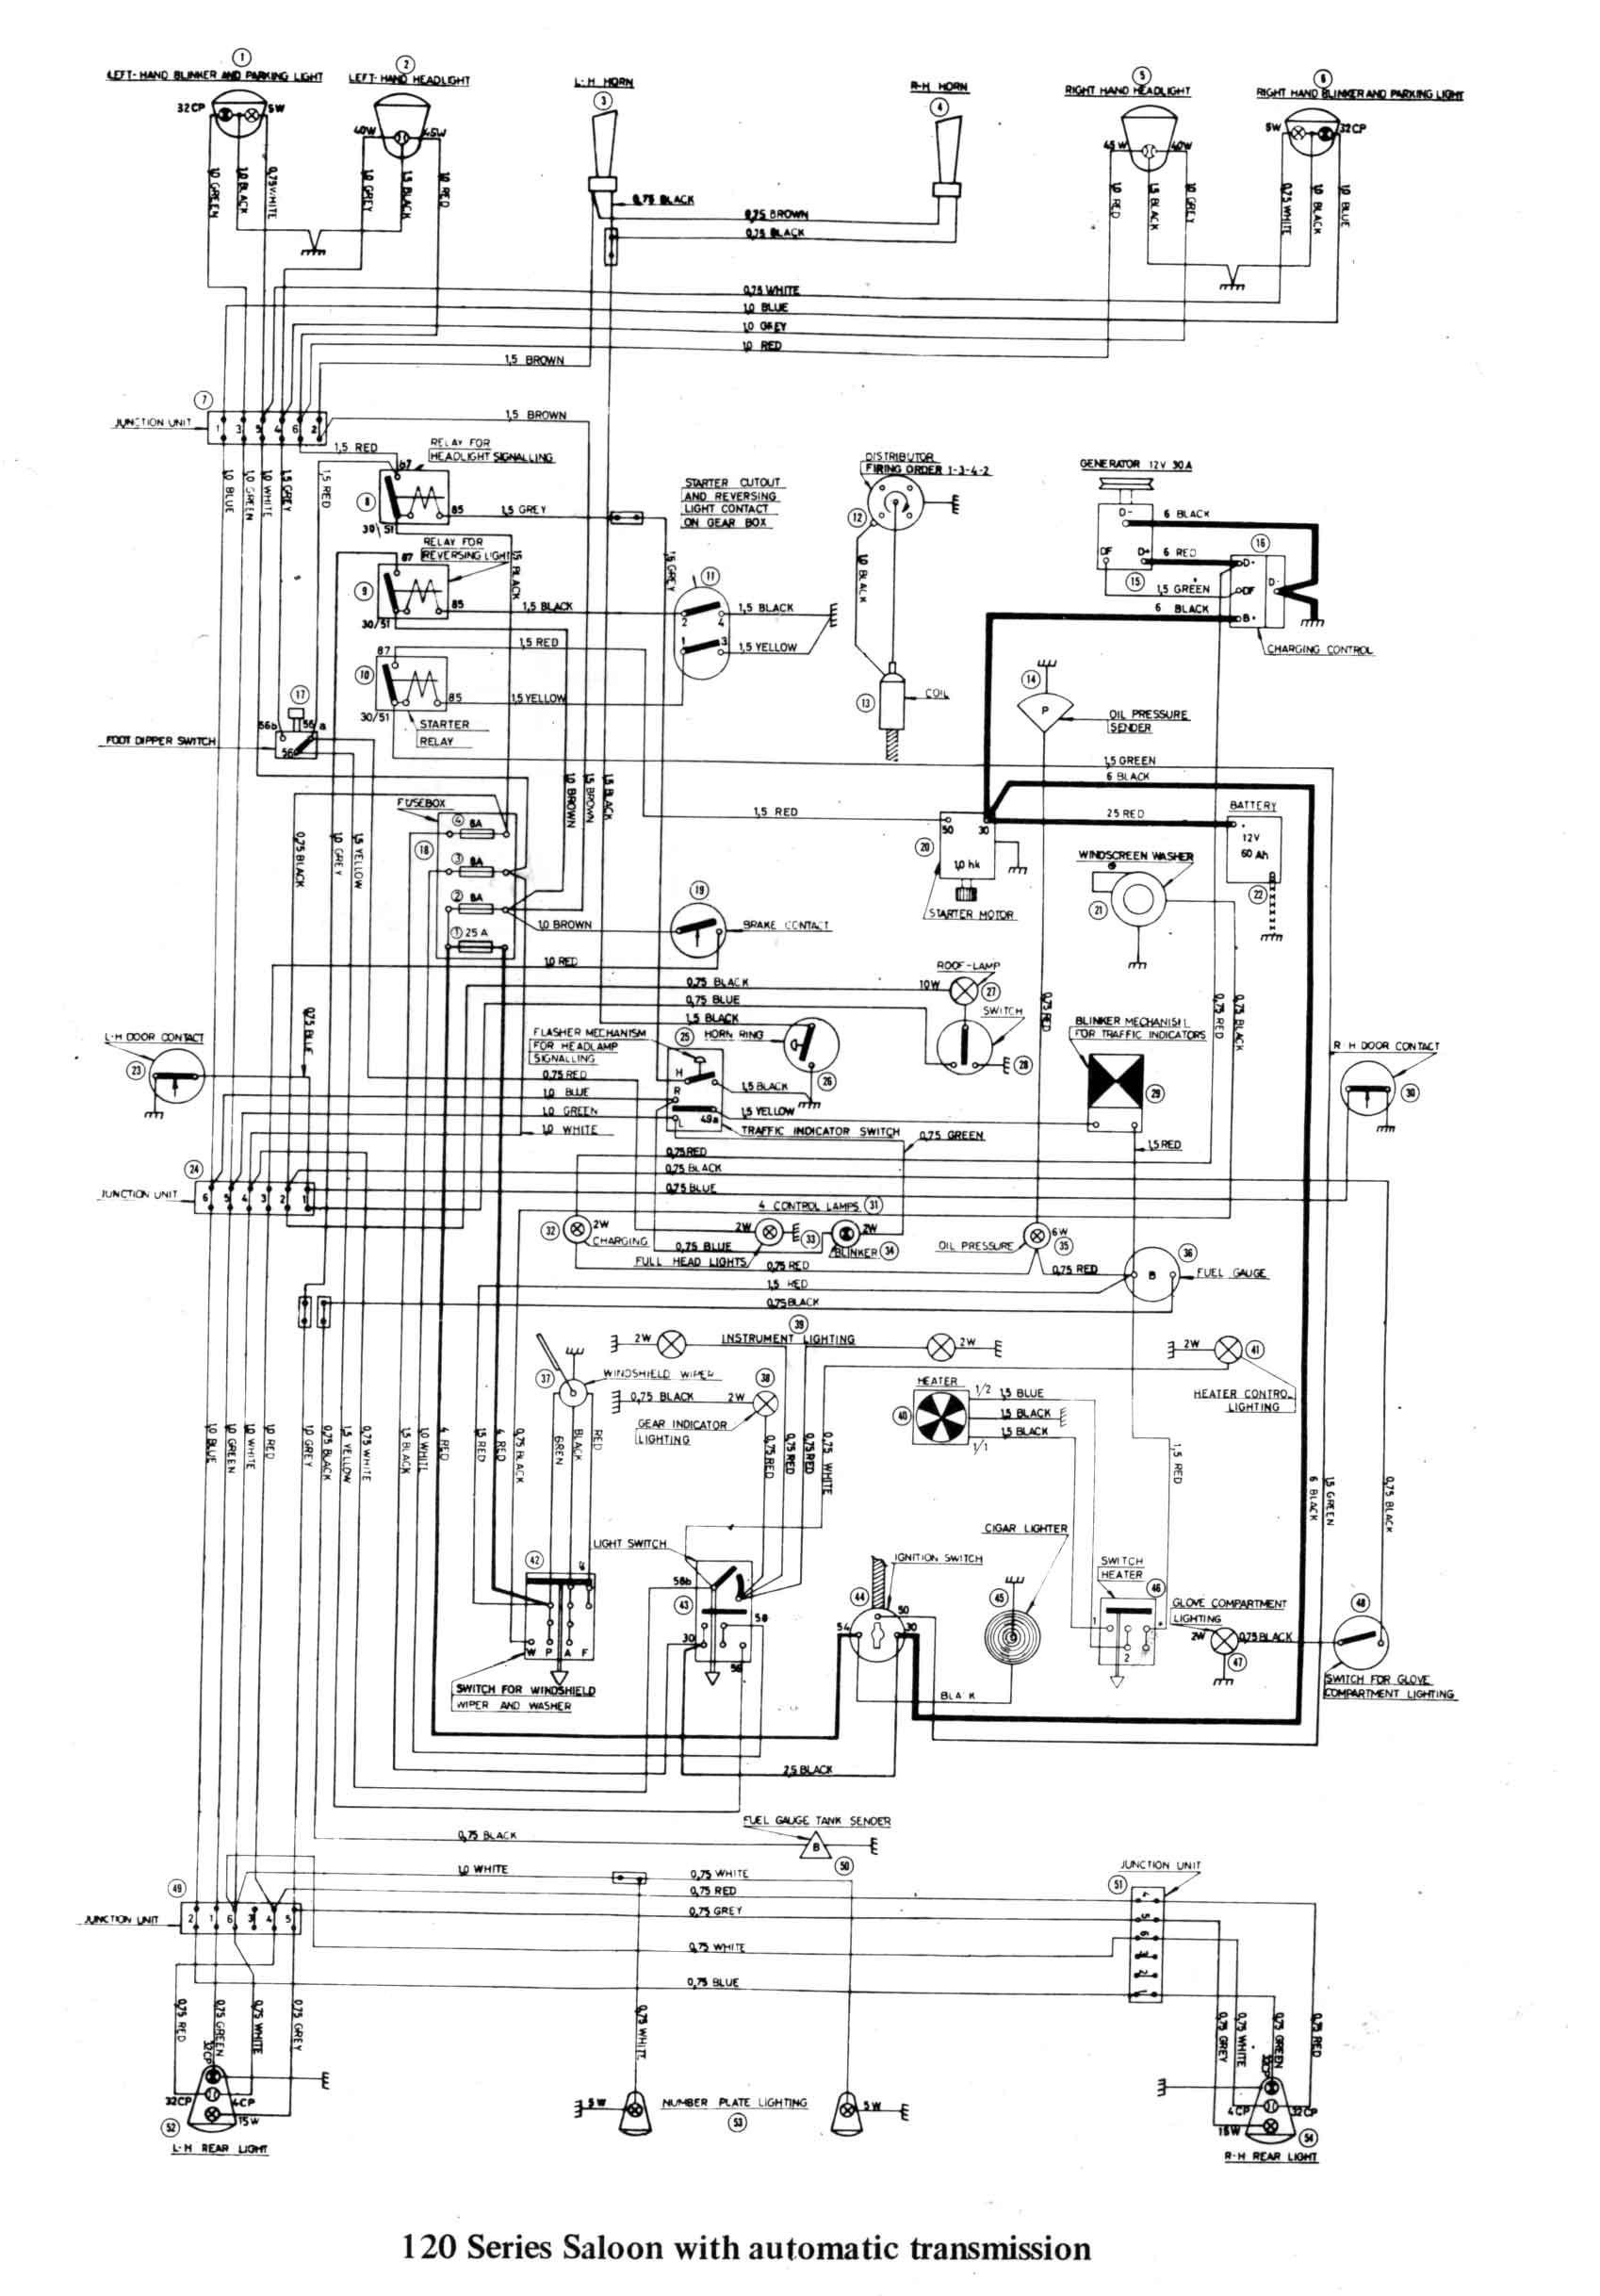 Auto Transmission Diagram Sw Em Od Retrofitting On A Vintage Volvo Of Auto Transmission Diagram